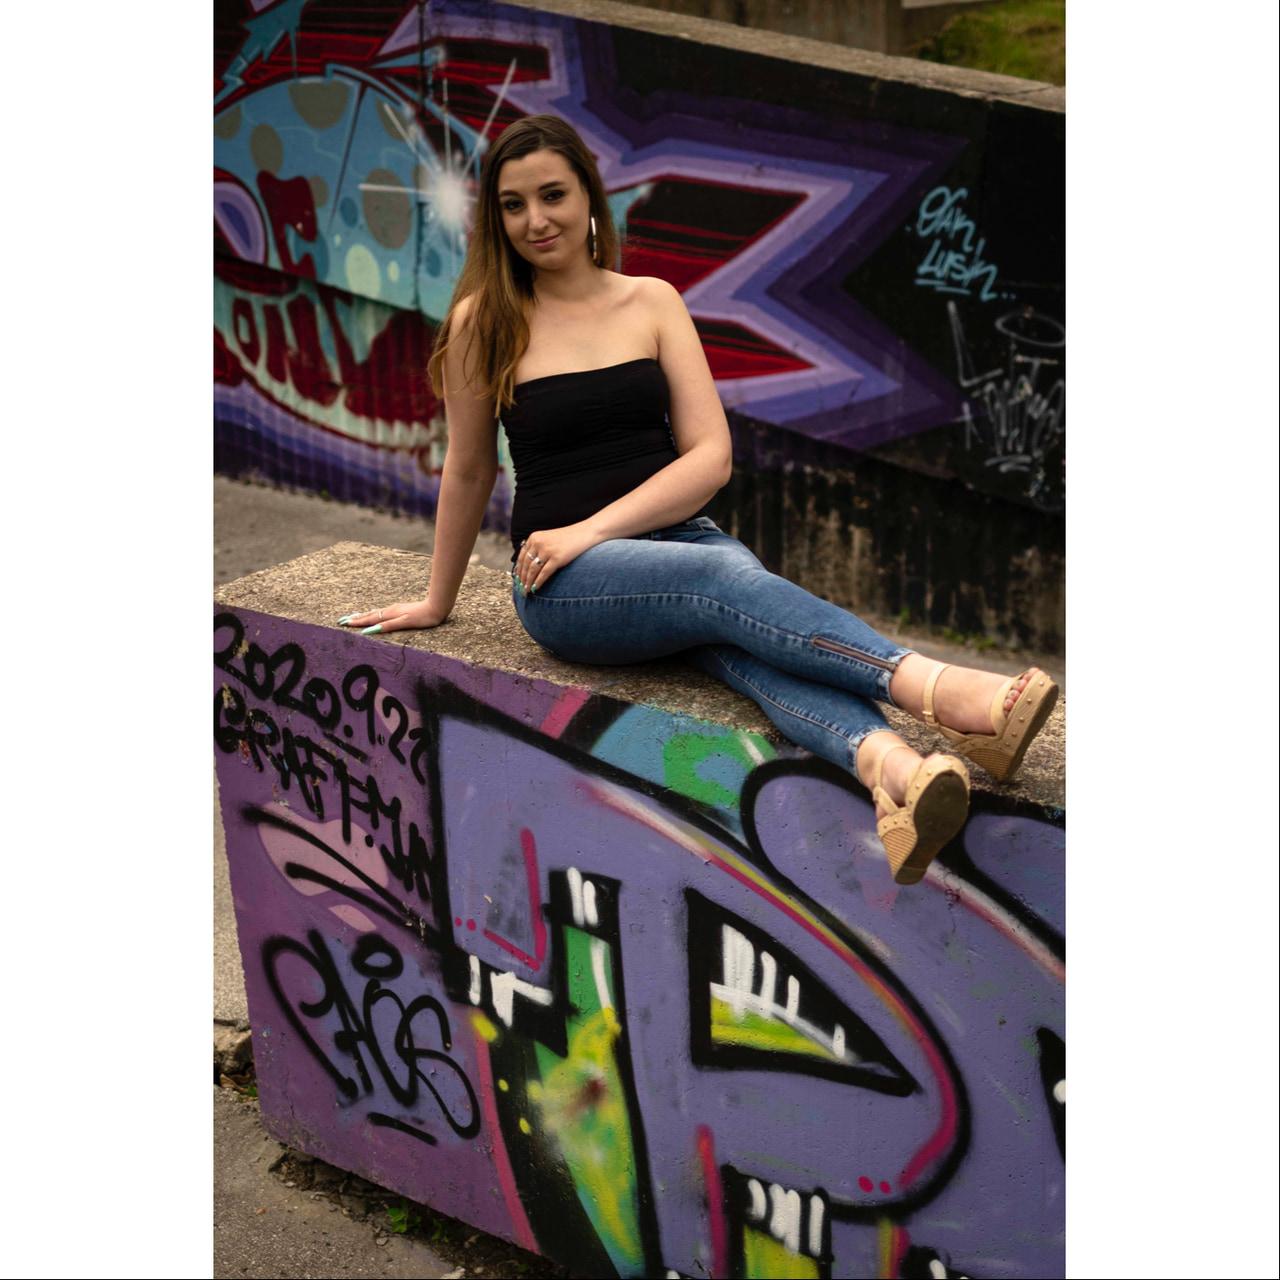 article, graffiti, and opinion image